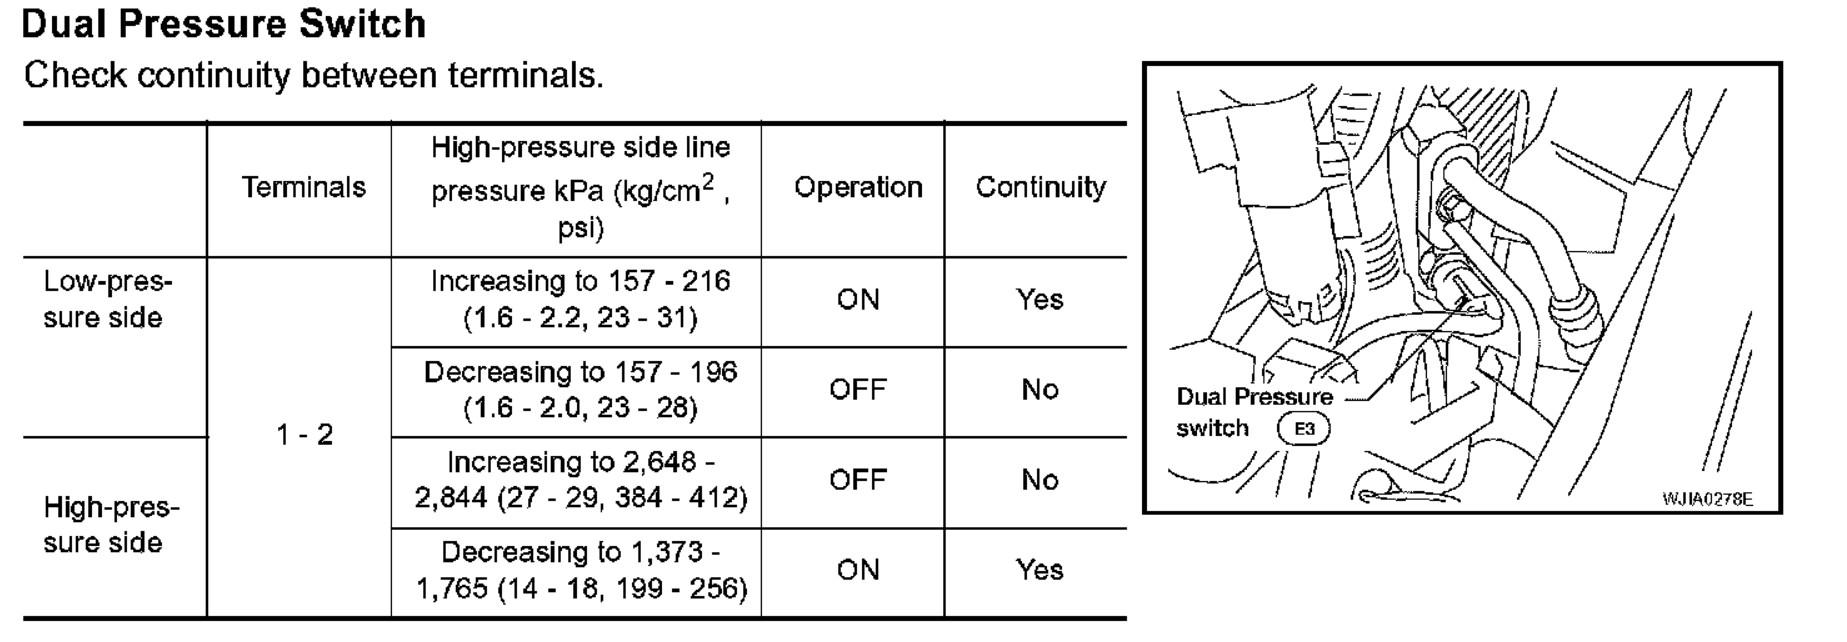 0087650d-bc48-4beb-bc83-77a2a61149cf_dual pressure.jpg